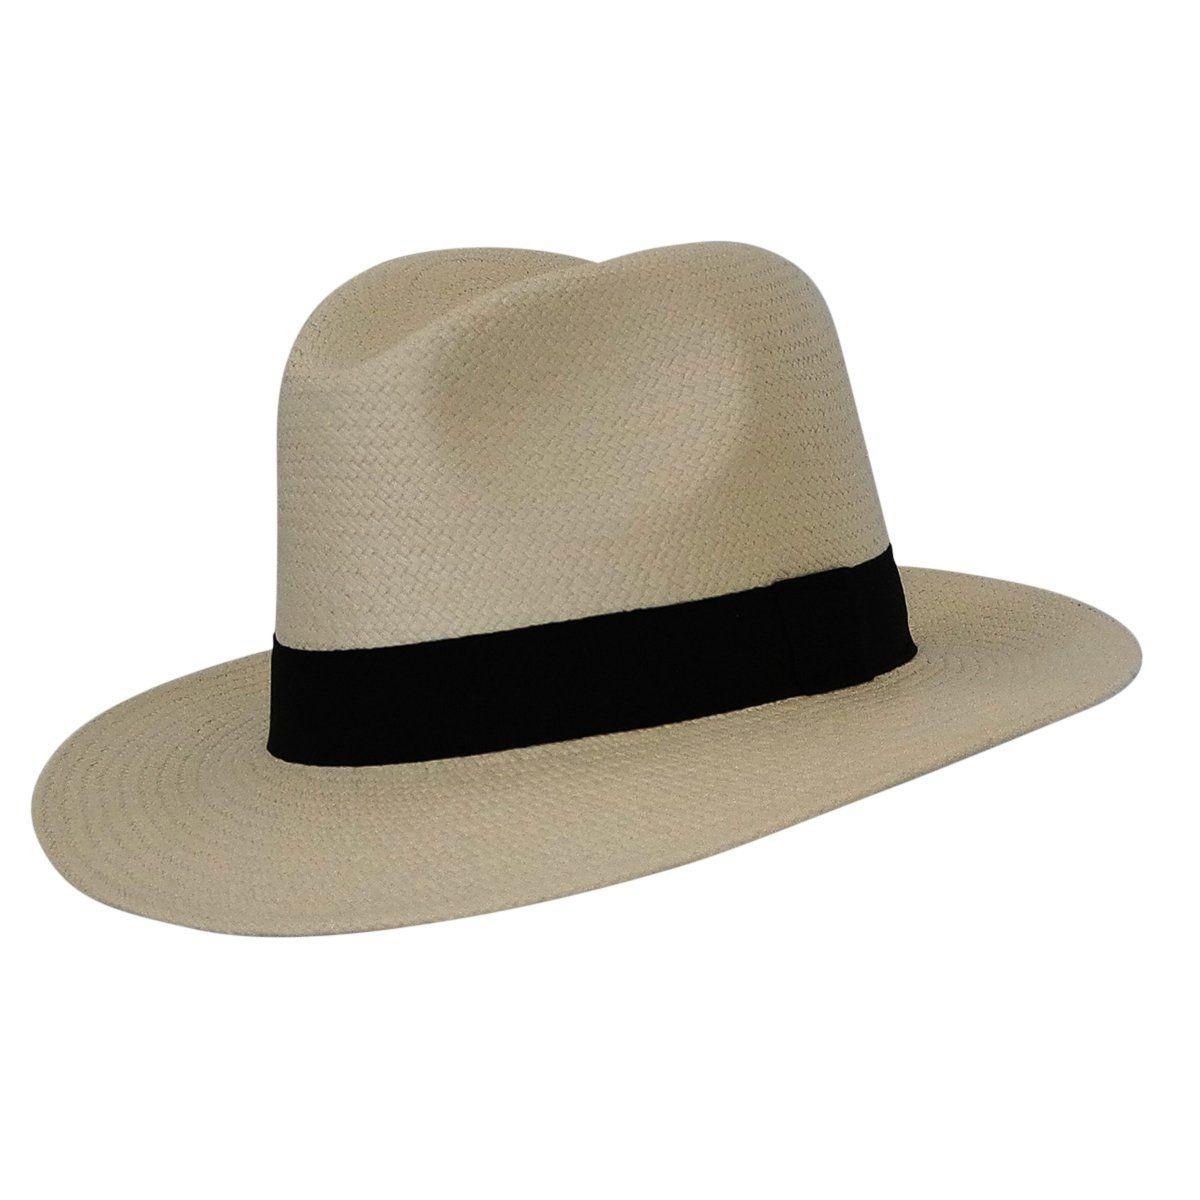 Véritable chapeau panama HIGH